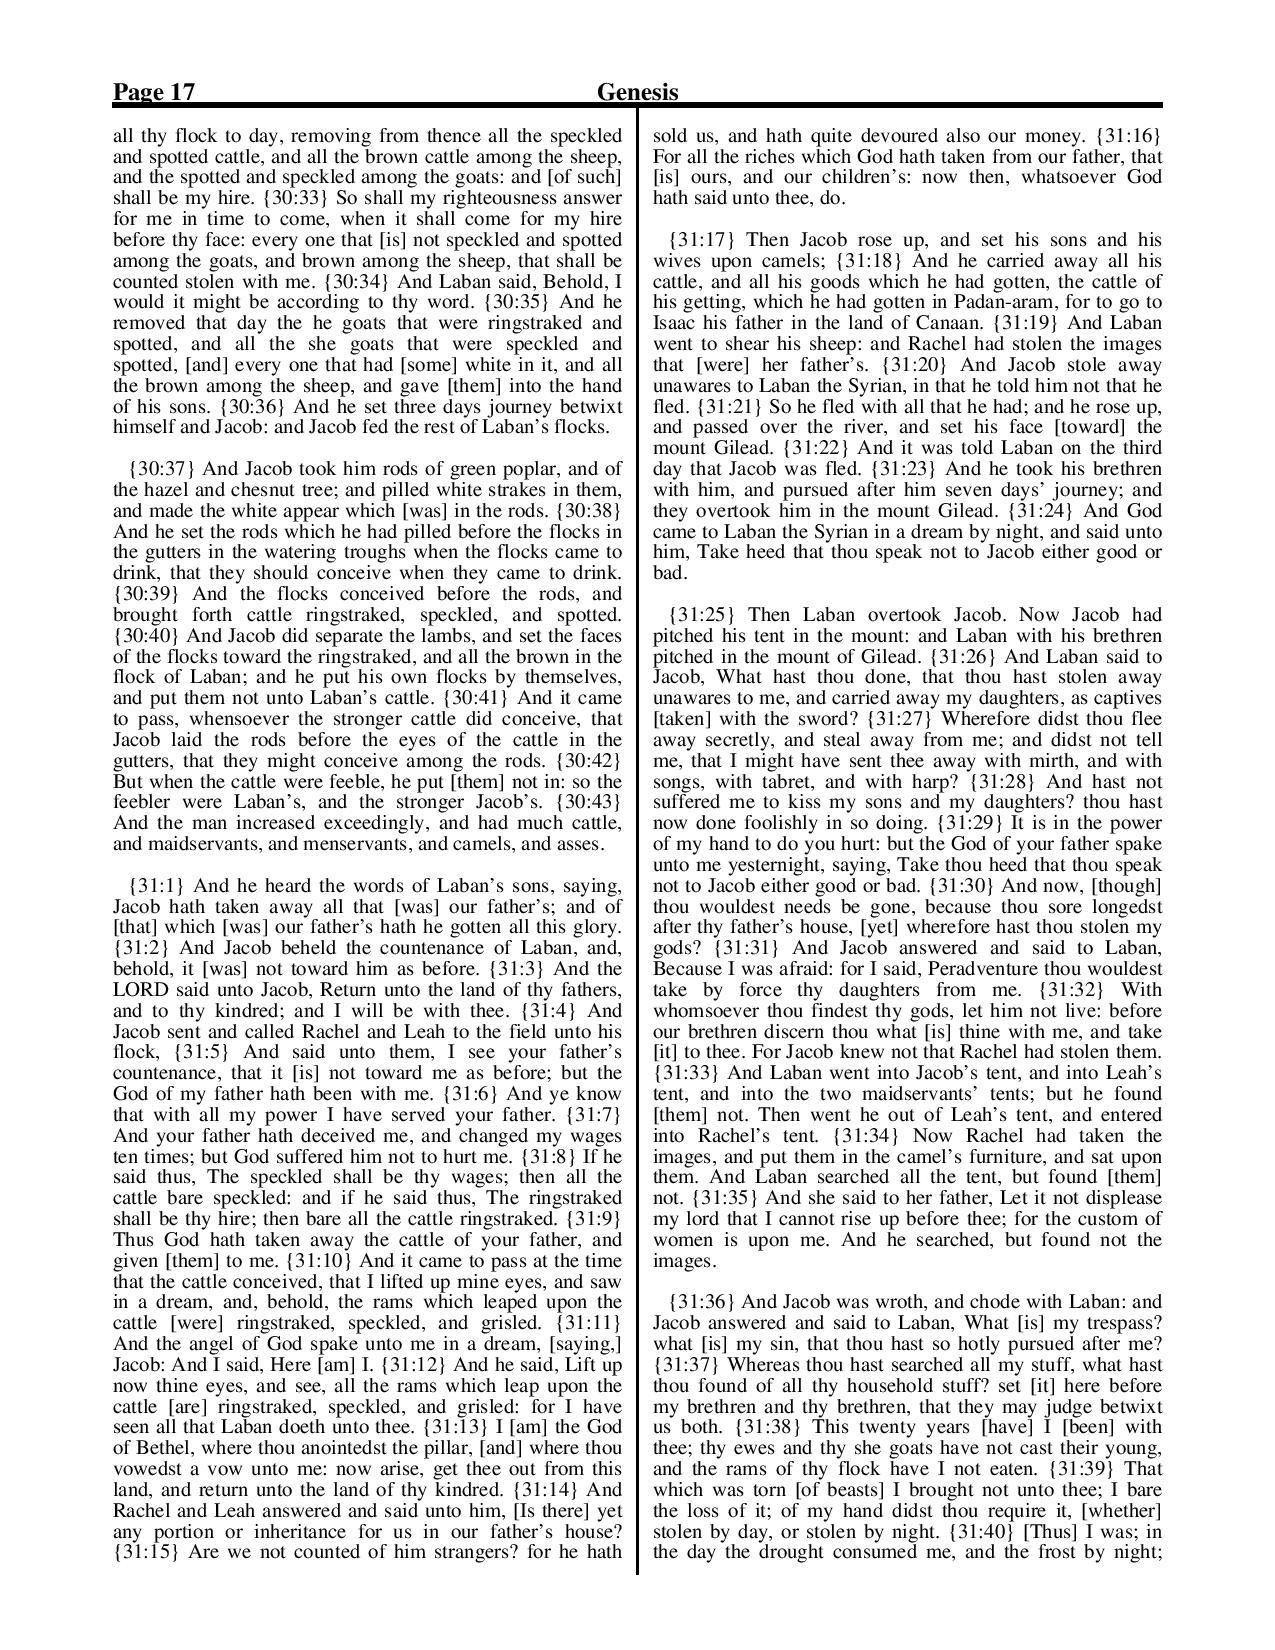 King-James-Bible-KJV-Bible-PDF-page-038